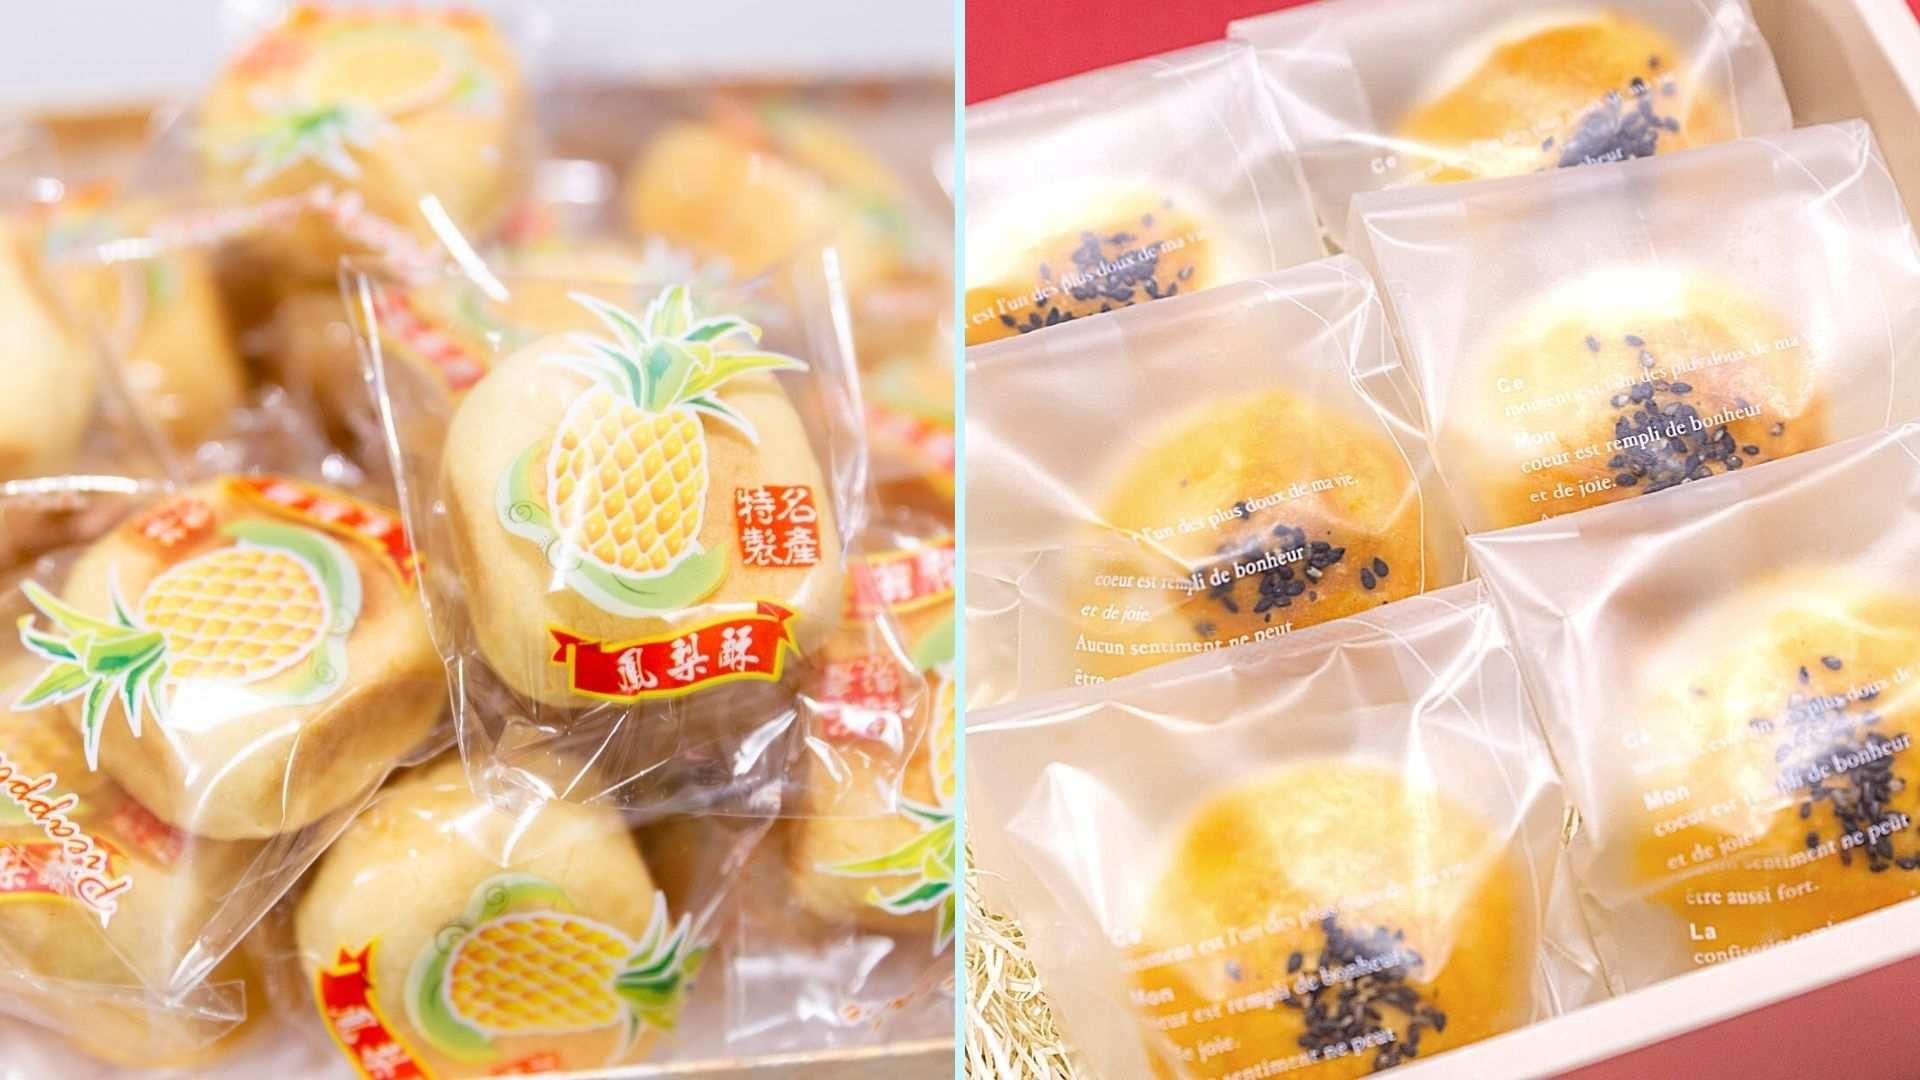 おうちで台湾 | 愛寿オリジナル 手作りパイナップルケーキ・蛋黄酥|KKday独占販売|国内送料込み